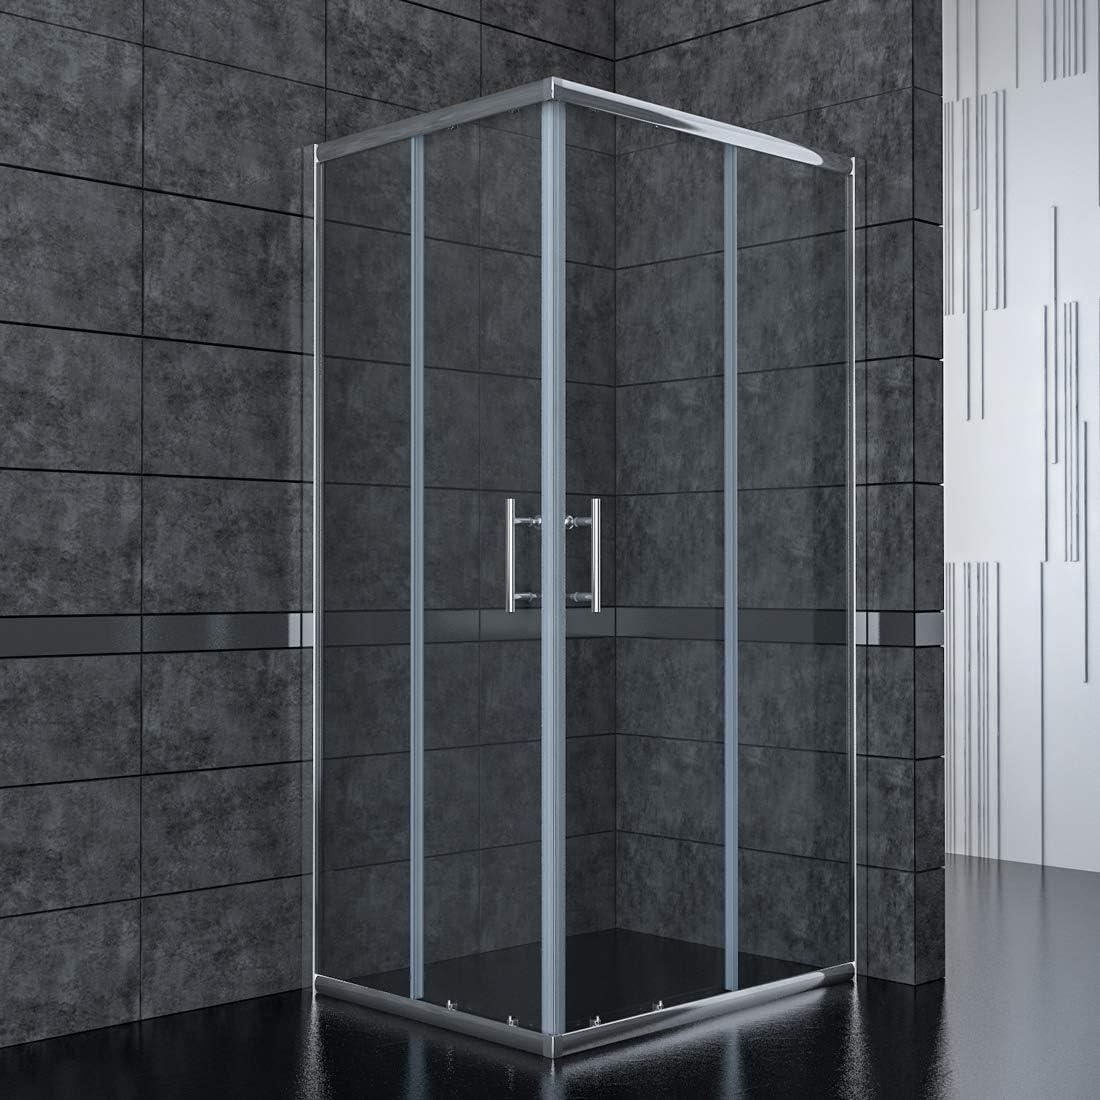 SONNI Mampara de Ducha Angular Puertas Corredera 80x80cm,Puertas de Ducha Apertura Central con Vidrio Templado de Seguridad 5mm